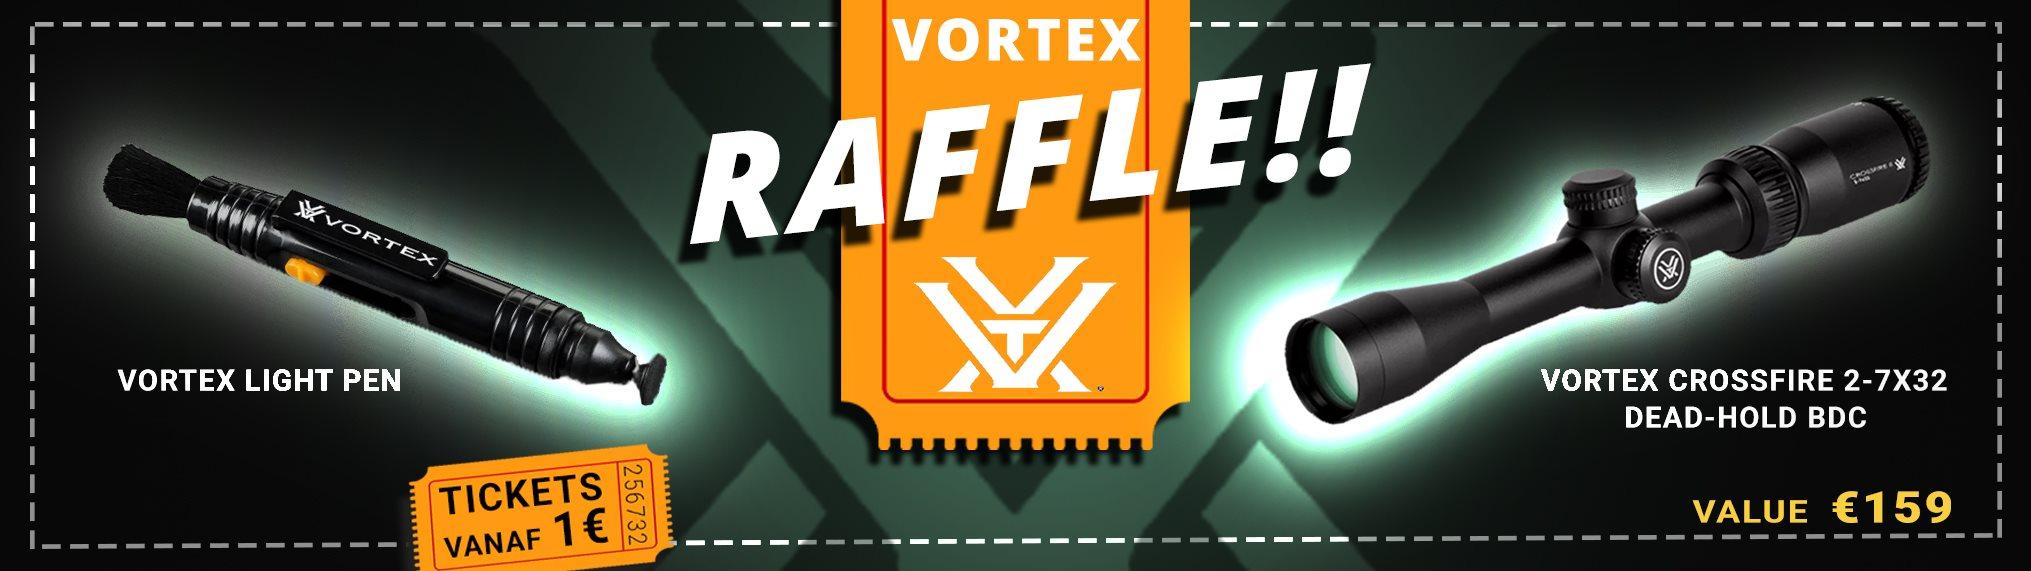 vortex-raffle